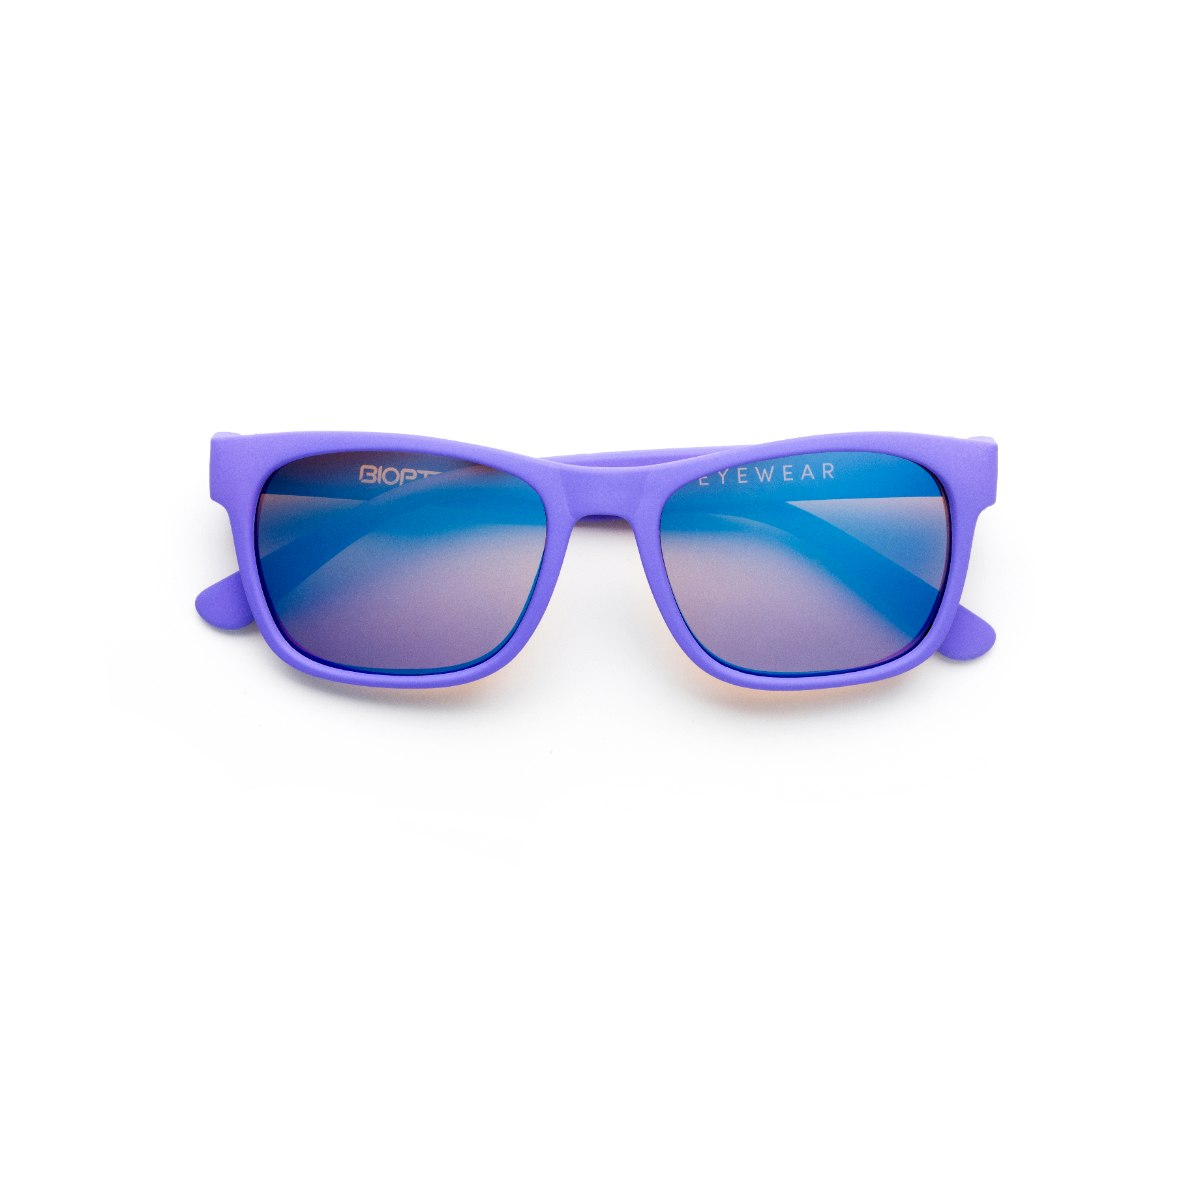 משקפי היפרלייט (נגד קרינה) לילדים, דגם THE-0402VT MRBU מסגרת סגולה